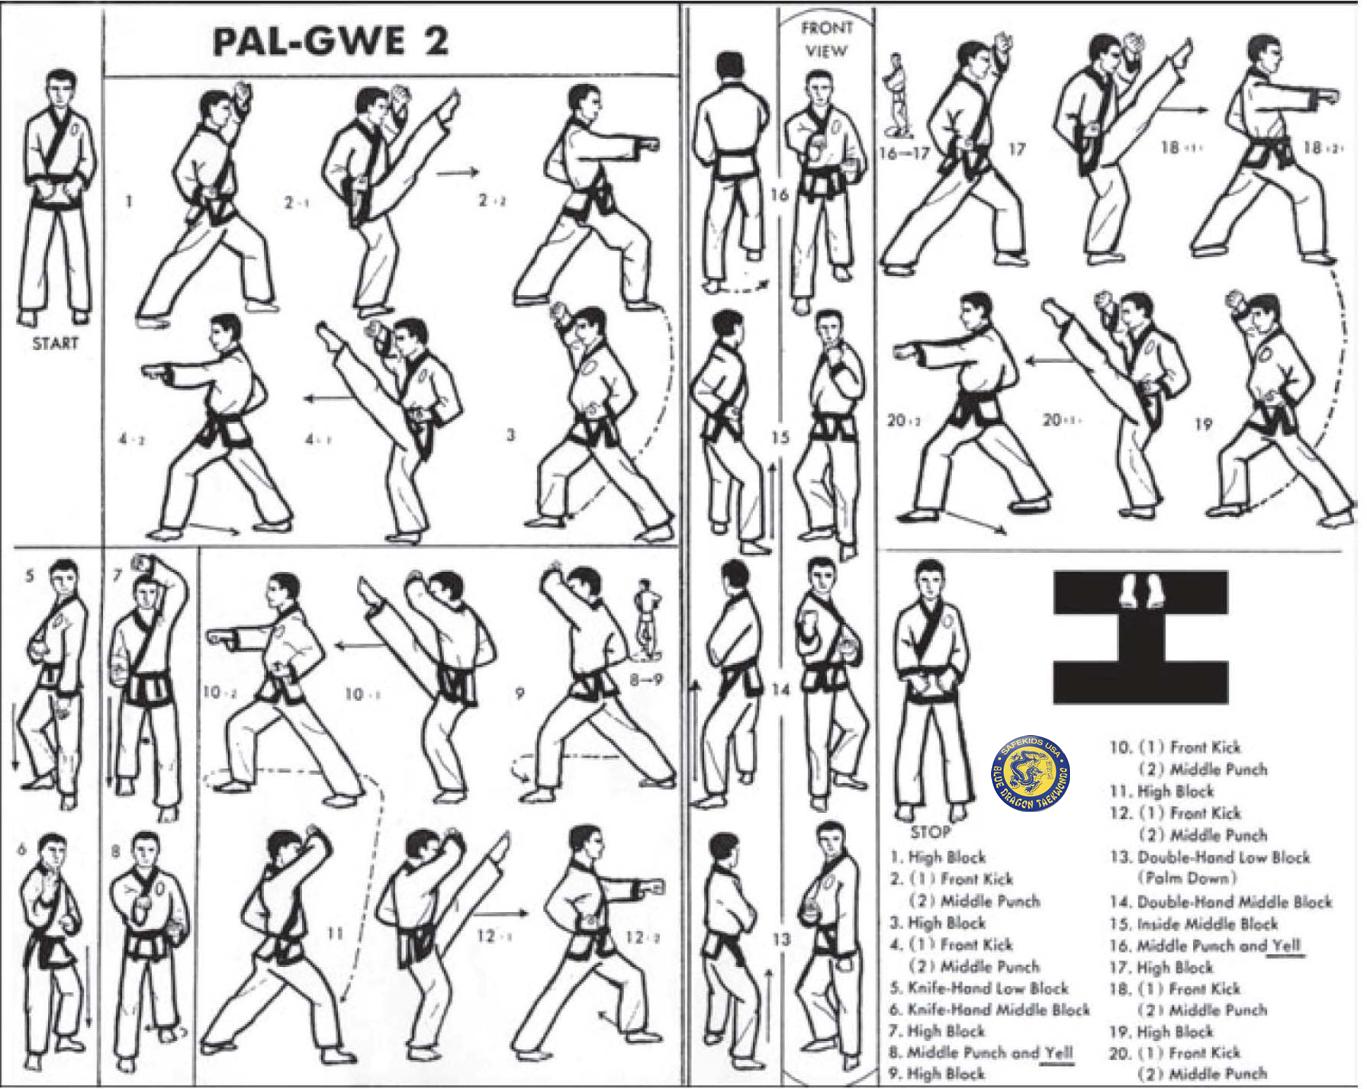 Palgwe2a